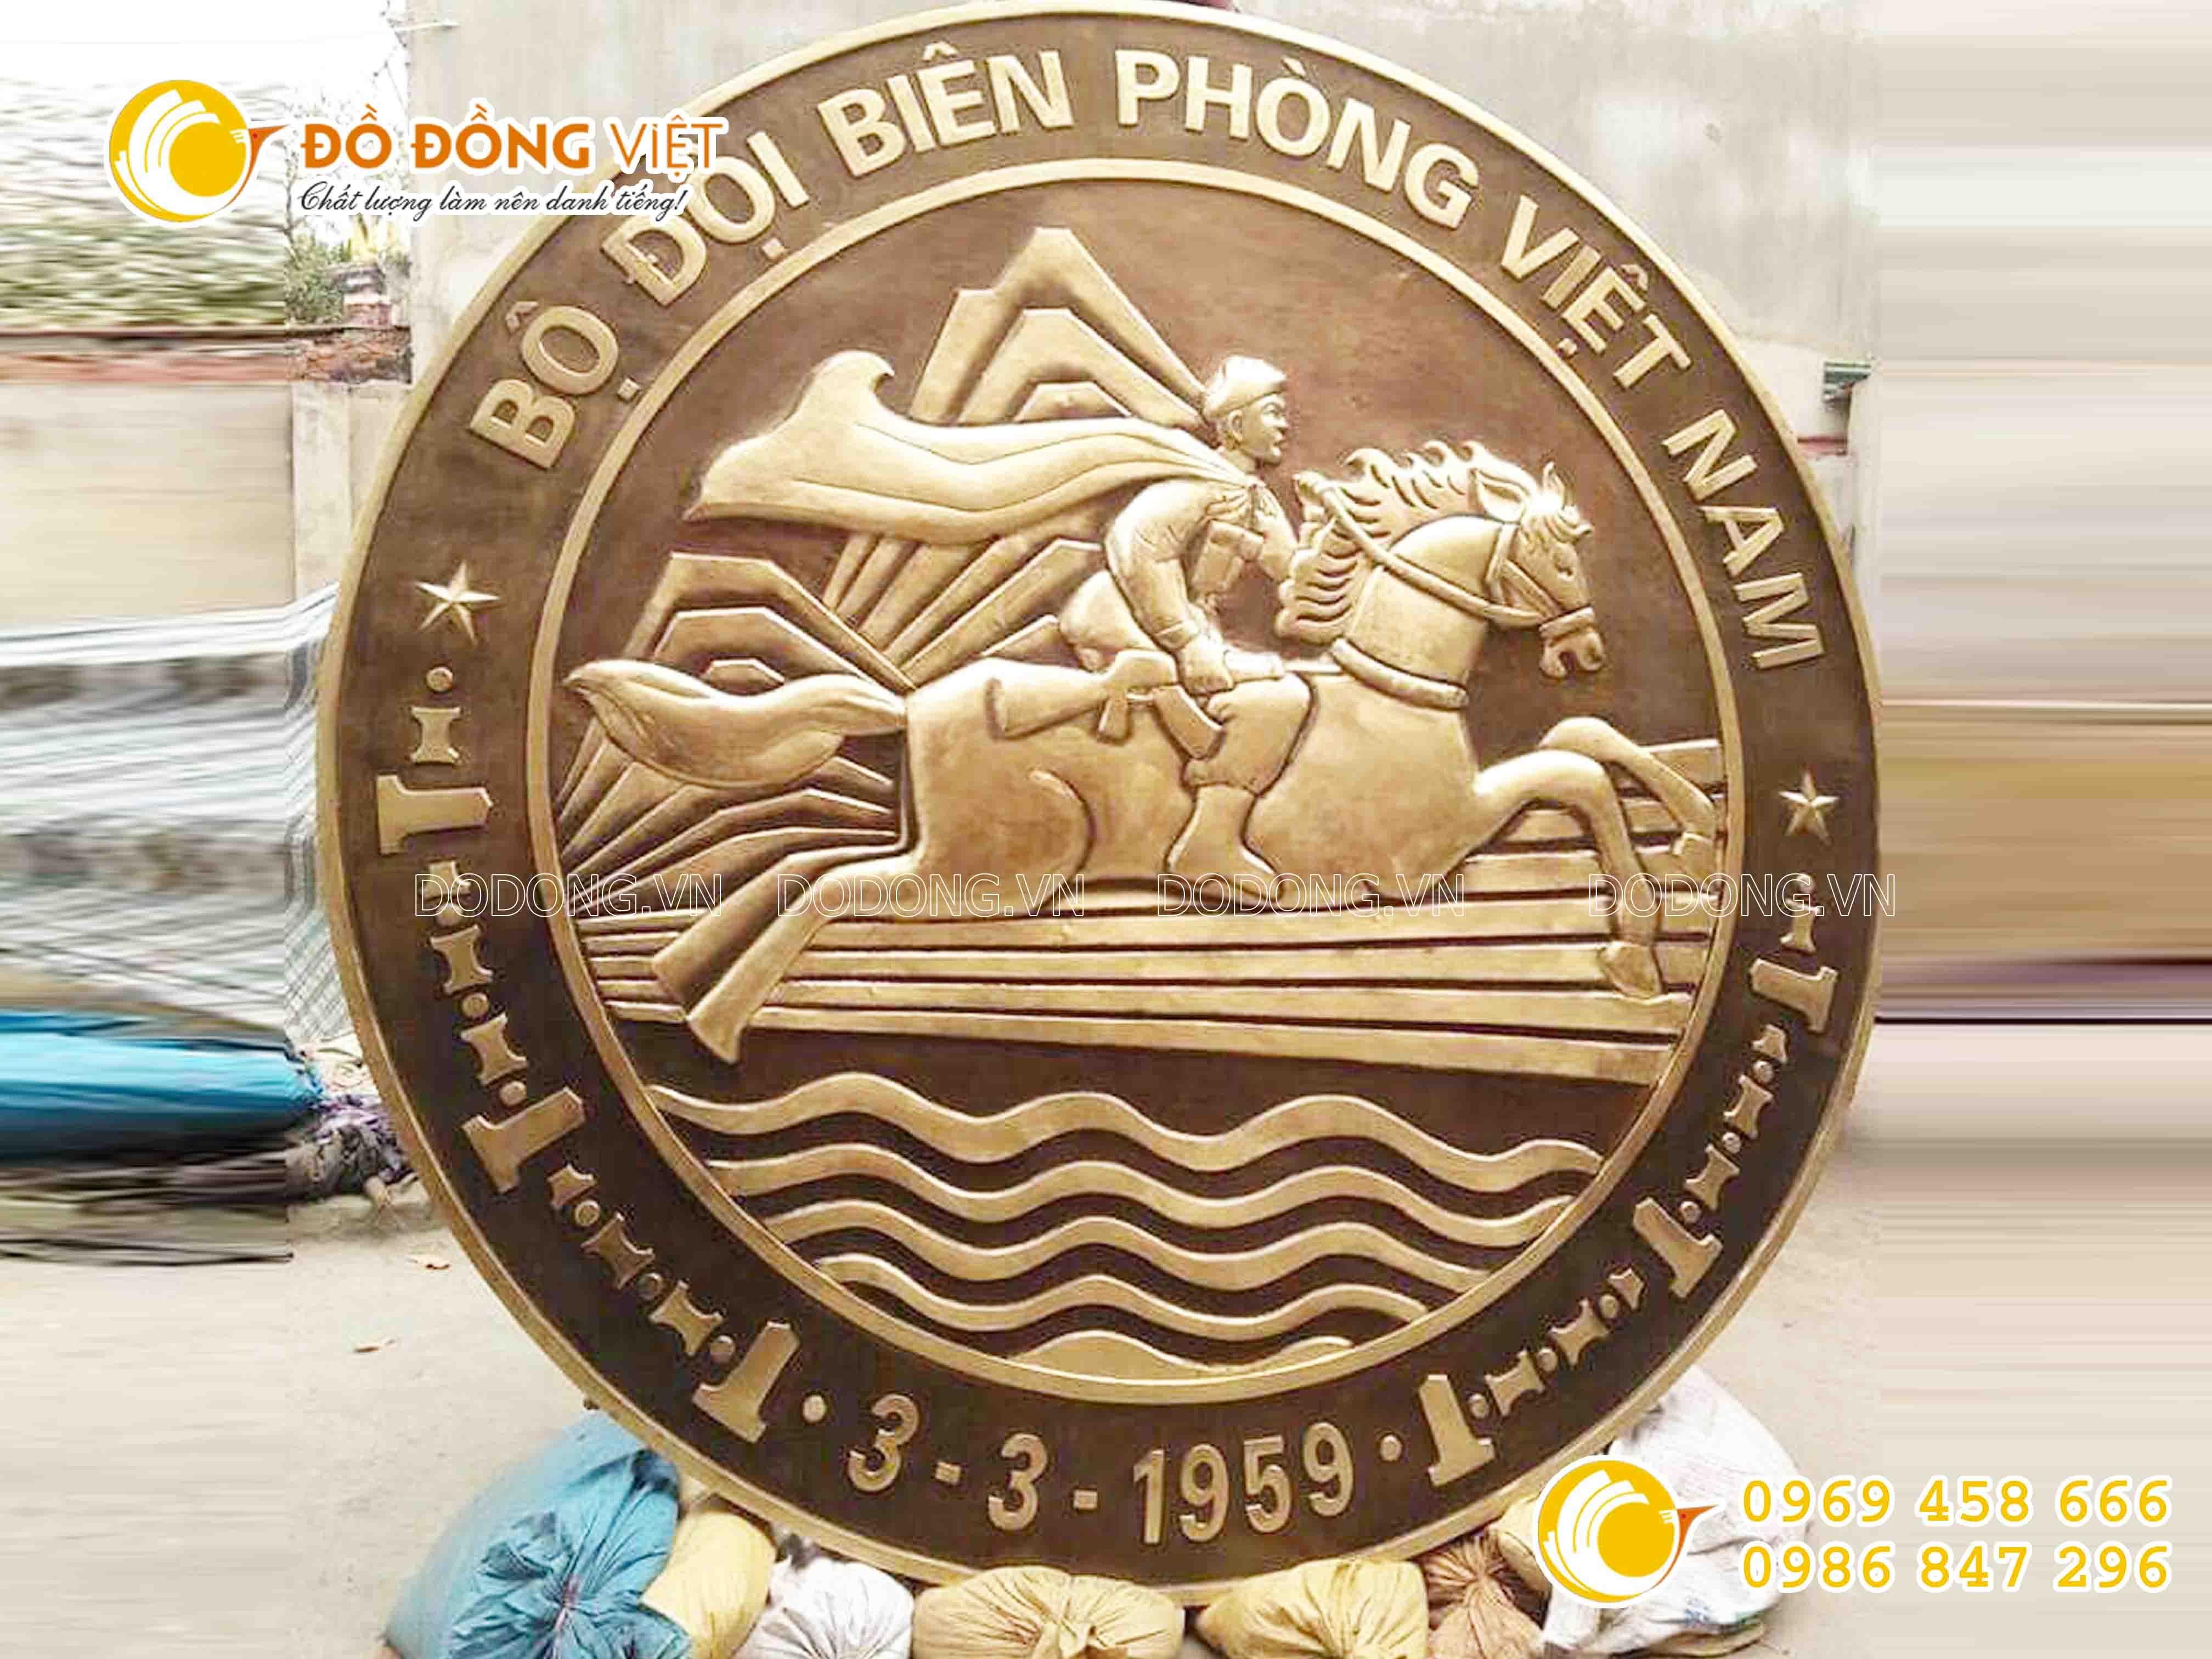 Đồ đồng Việt đúc logo đồng, logo bộ đội Biên Phòng bằng đồng0